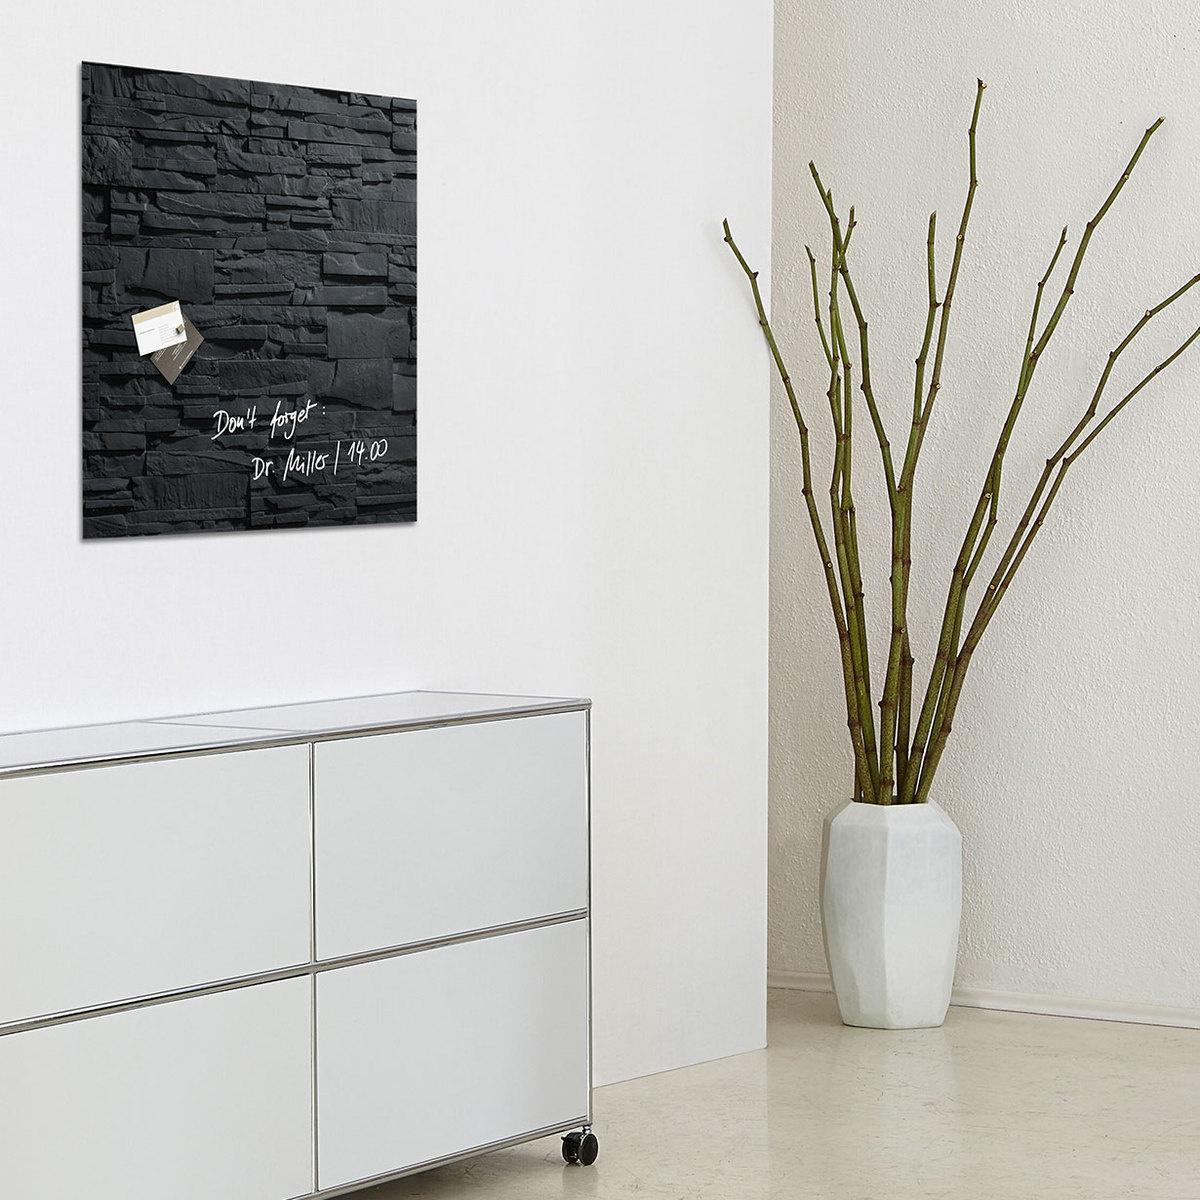 tableau magn tique carr ardoise by sigel lovethesign. Black Bedroom Furniture Sets. Home Design Ideas